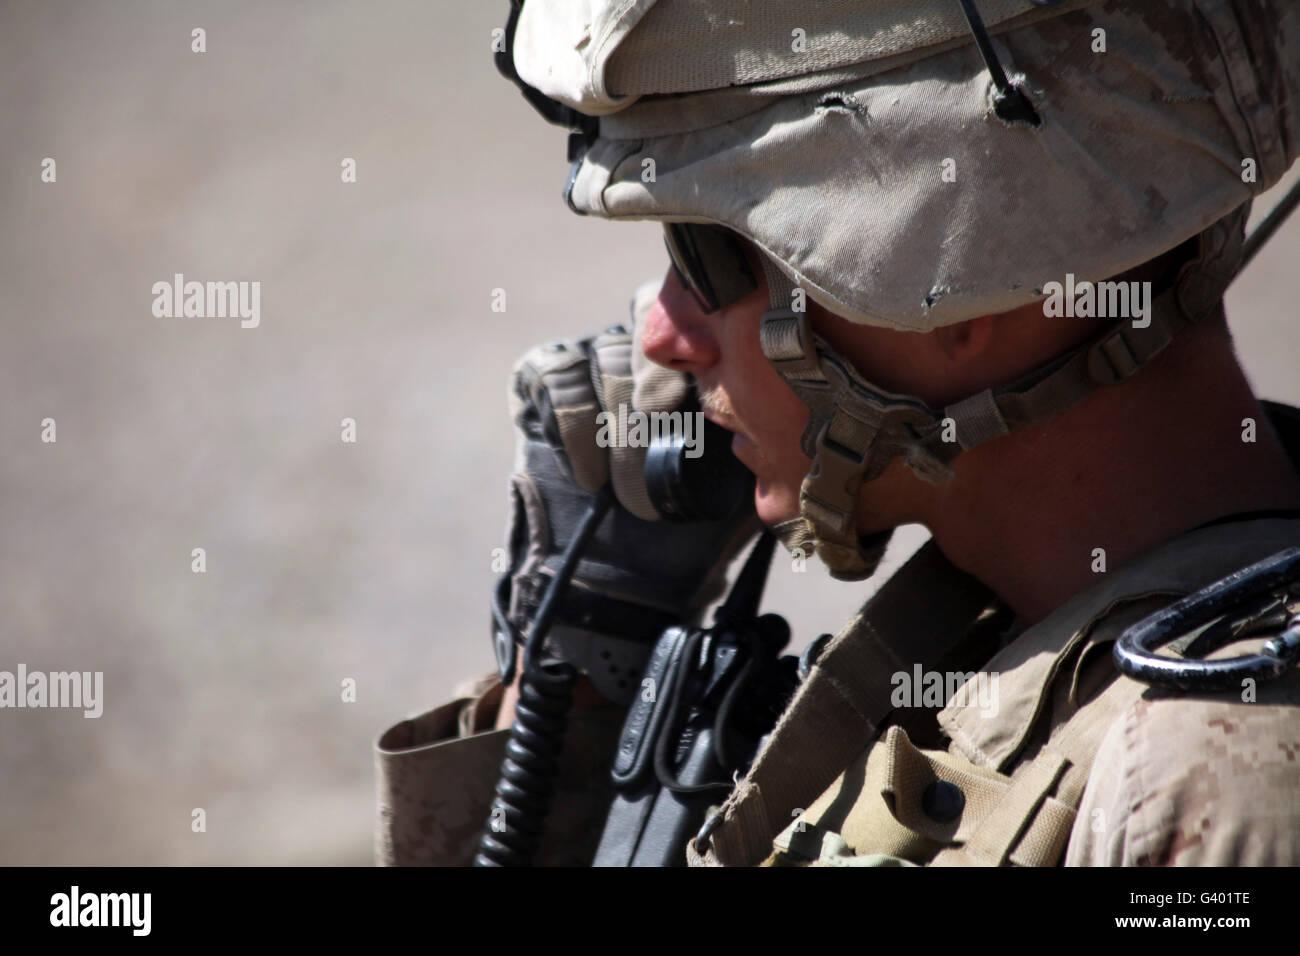 Ein Squad-Leader setzt seine Marines in Position über das Radio. Stockbild